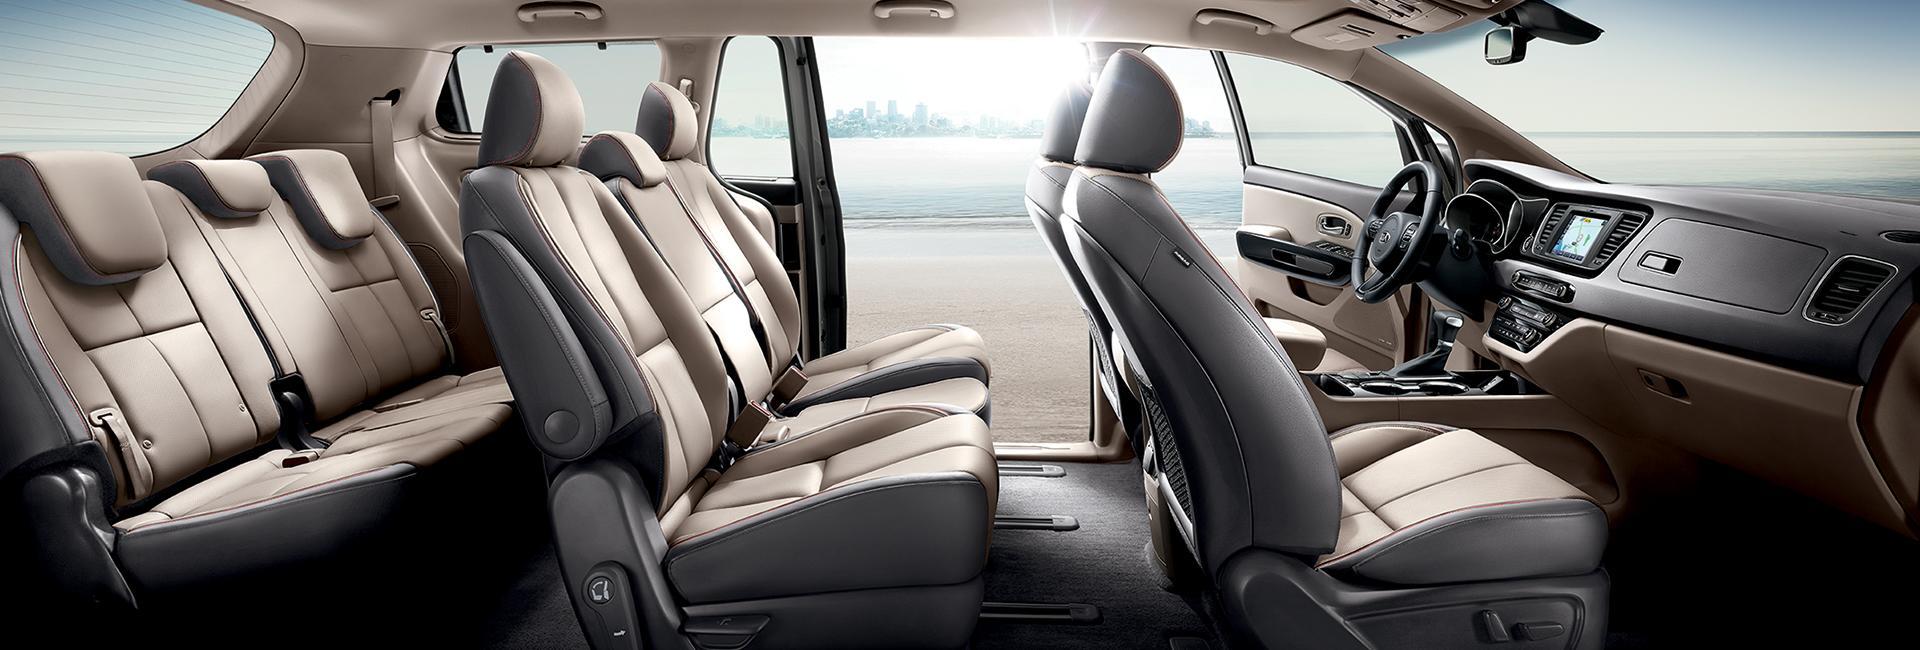 Interior picture of the 2020 Kia Sedona